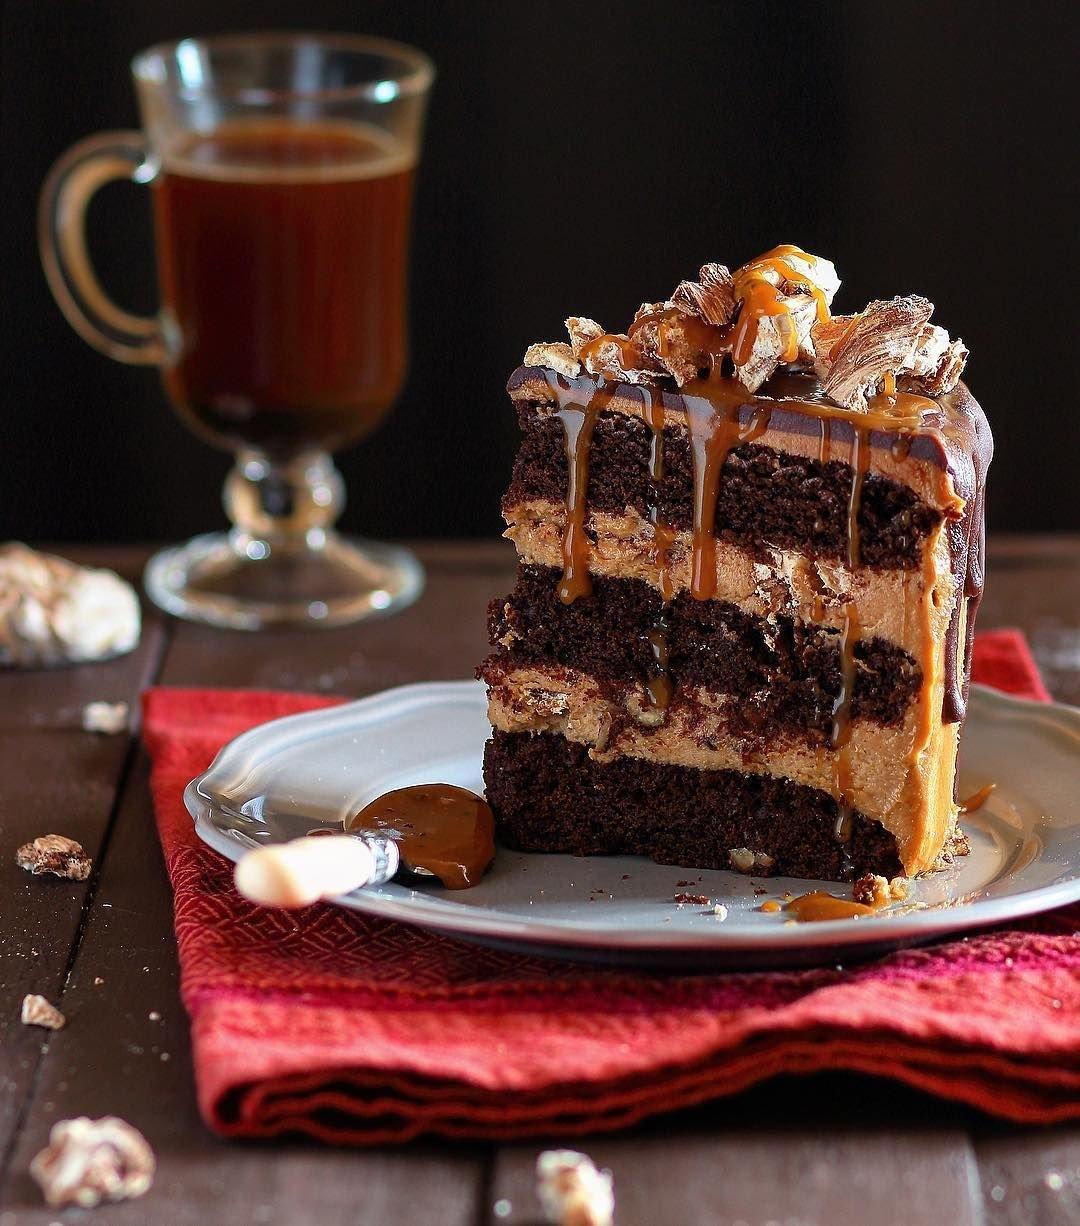 особо торты сникерсы фото и рецепты сложные